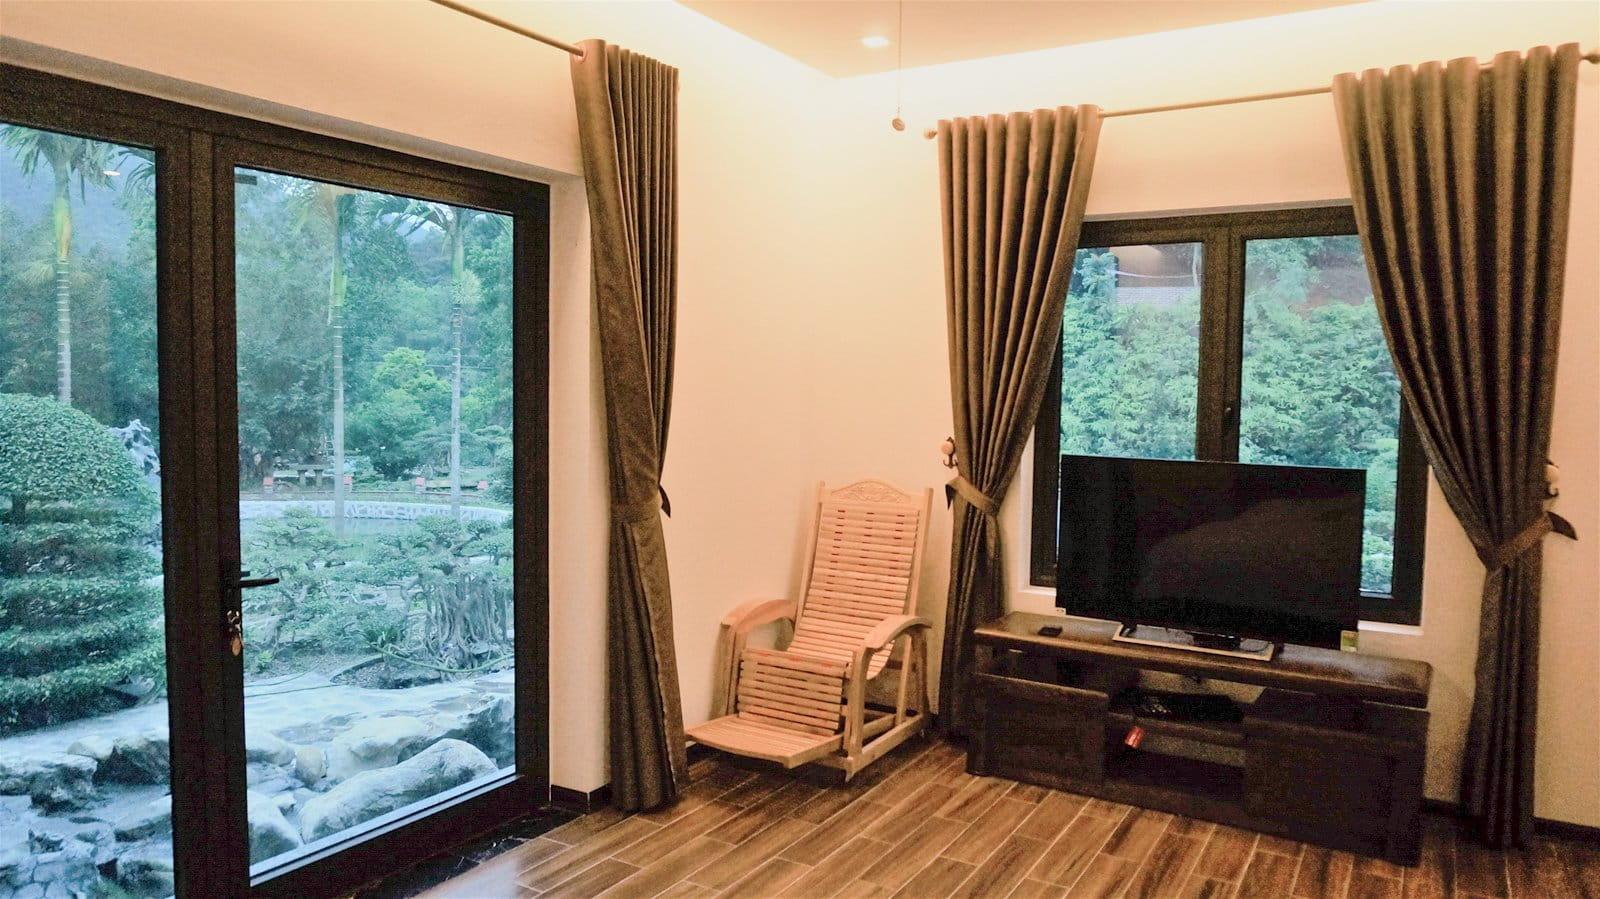 don-he-hoan-hao-tai-khu-resort-giua-rung-thong-xanh-trong-lanh-sat-xit-ha-noi-15